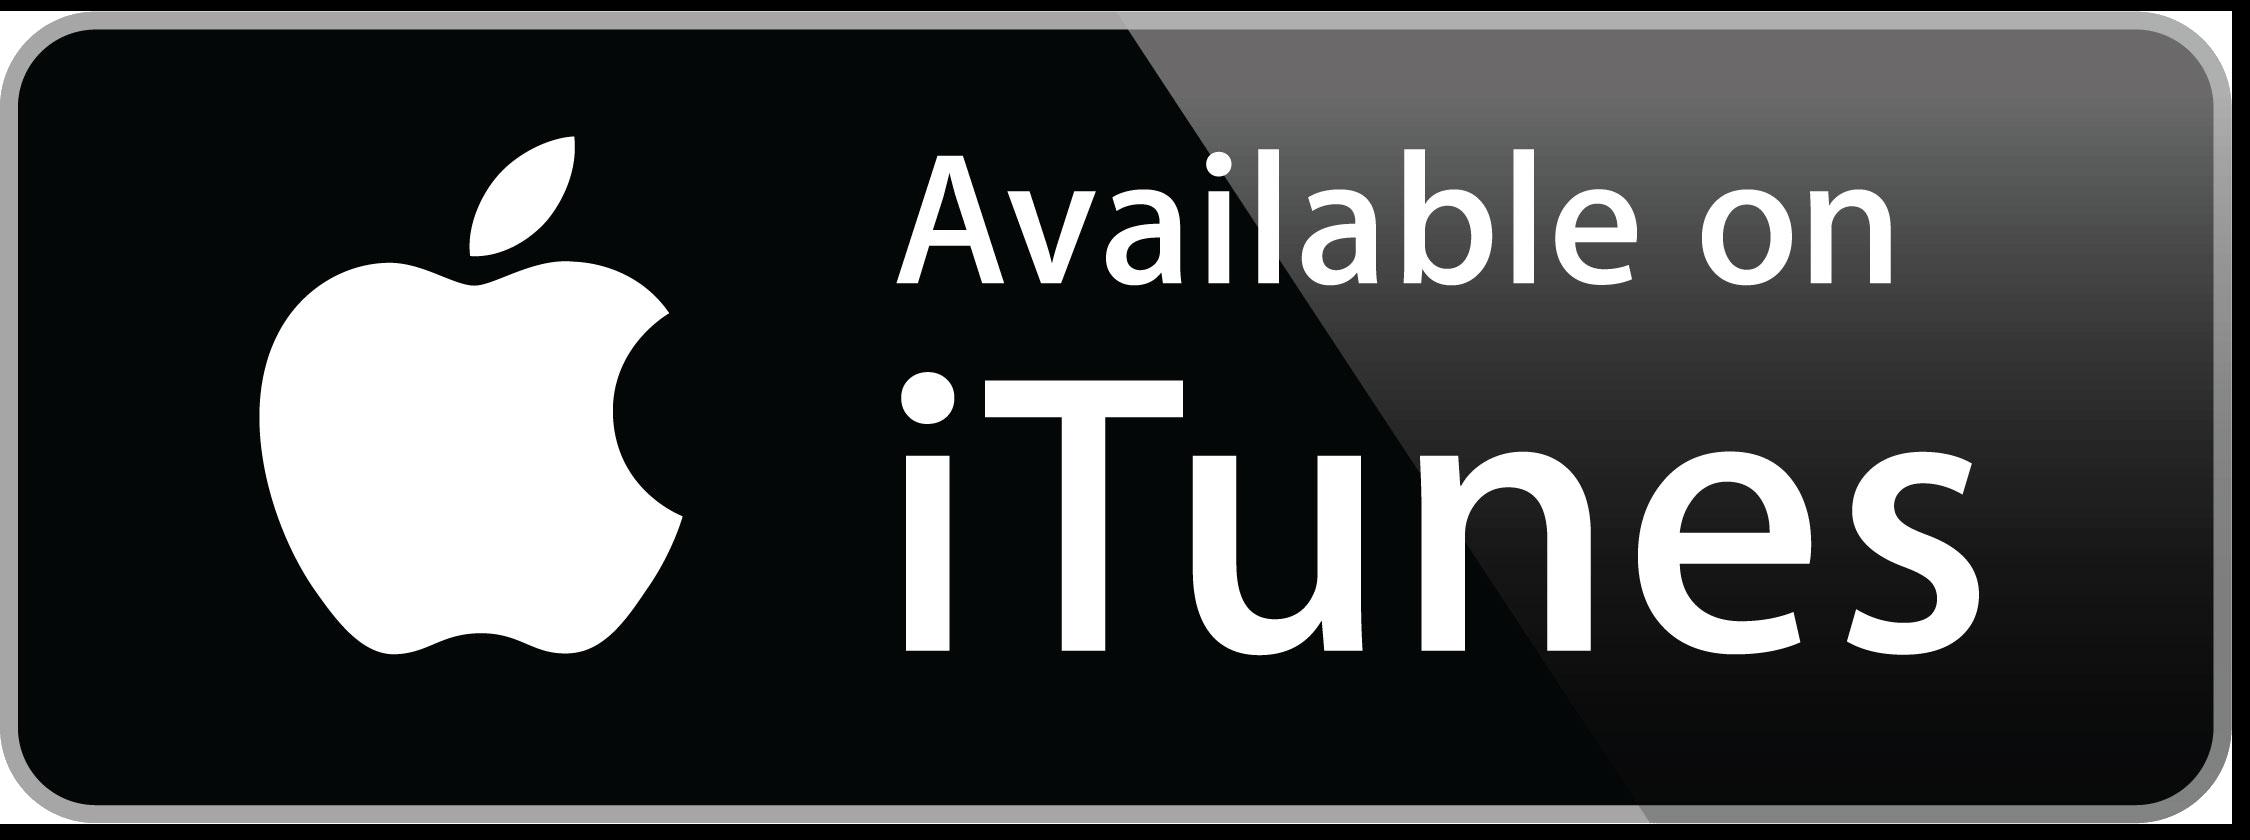 Get Volume 2 on iTunes